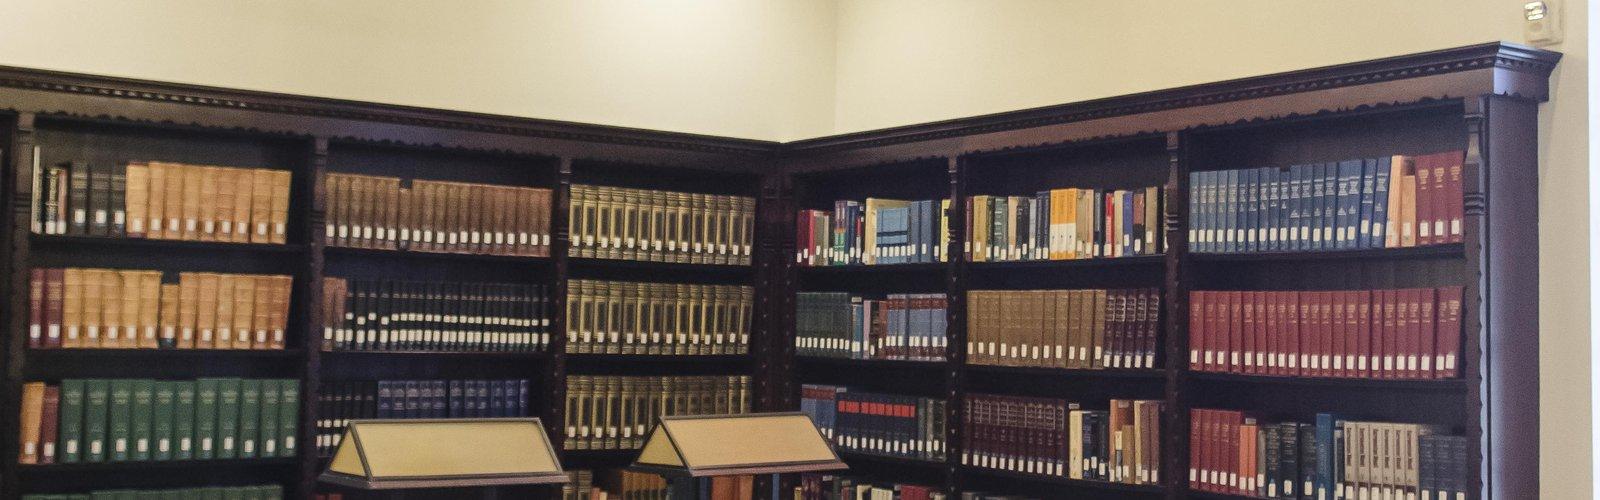 Dabney 1st floor librart